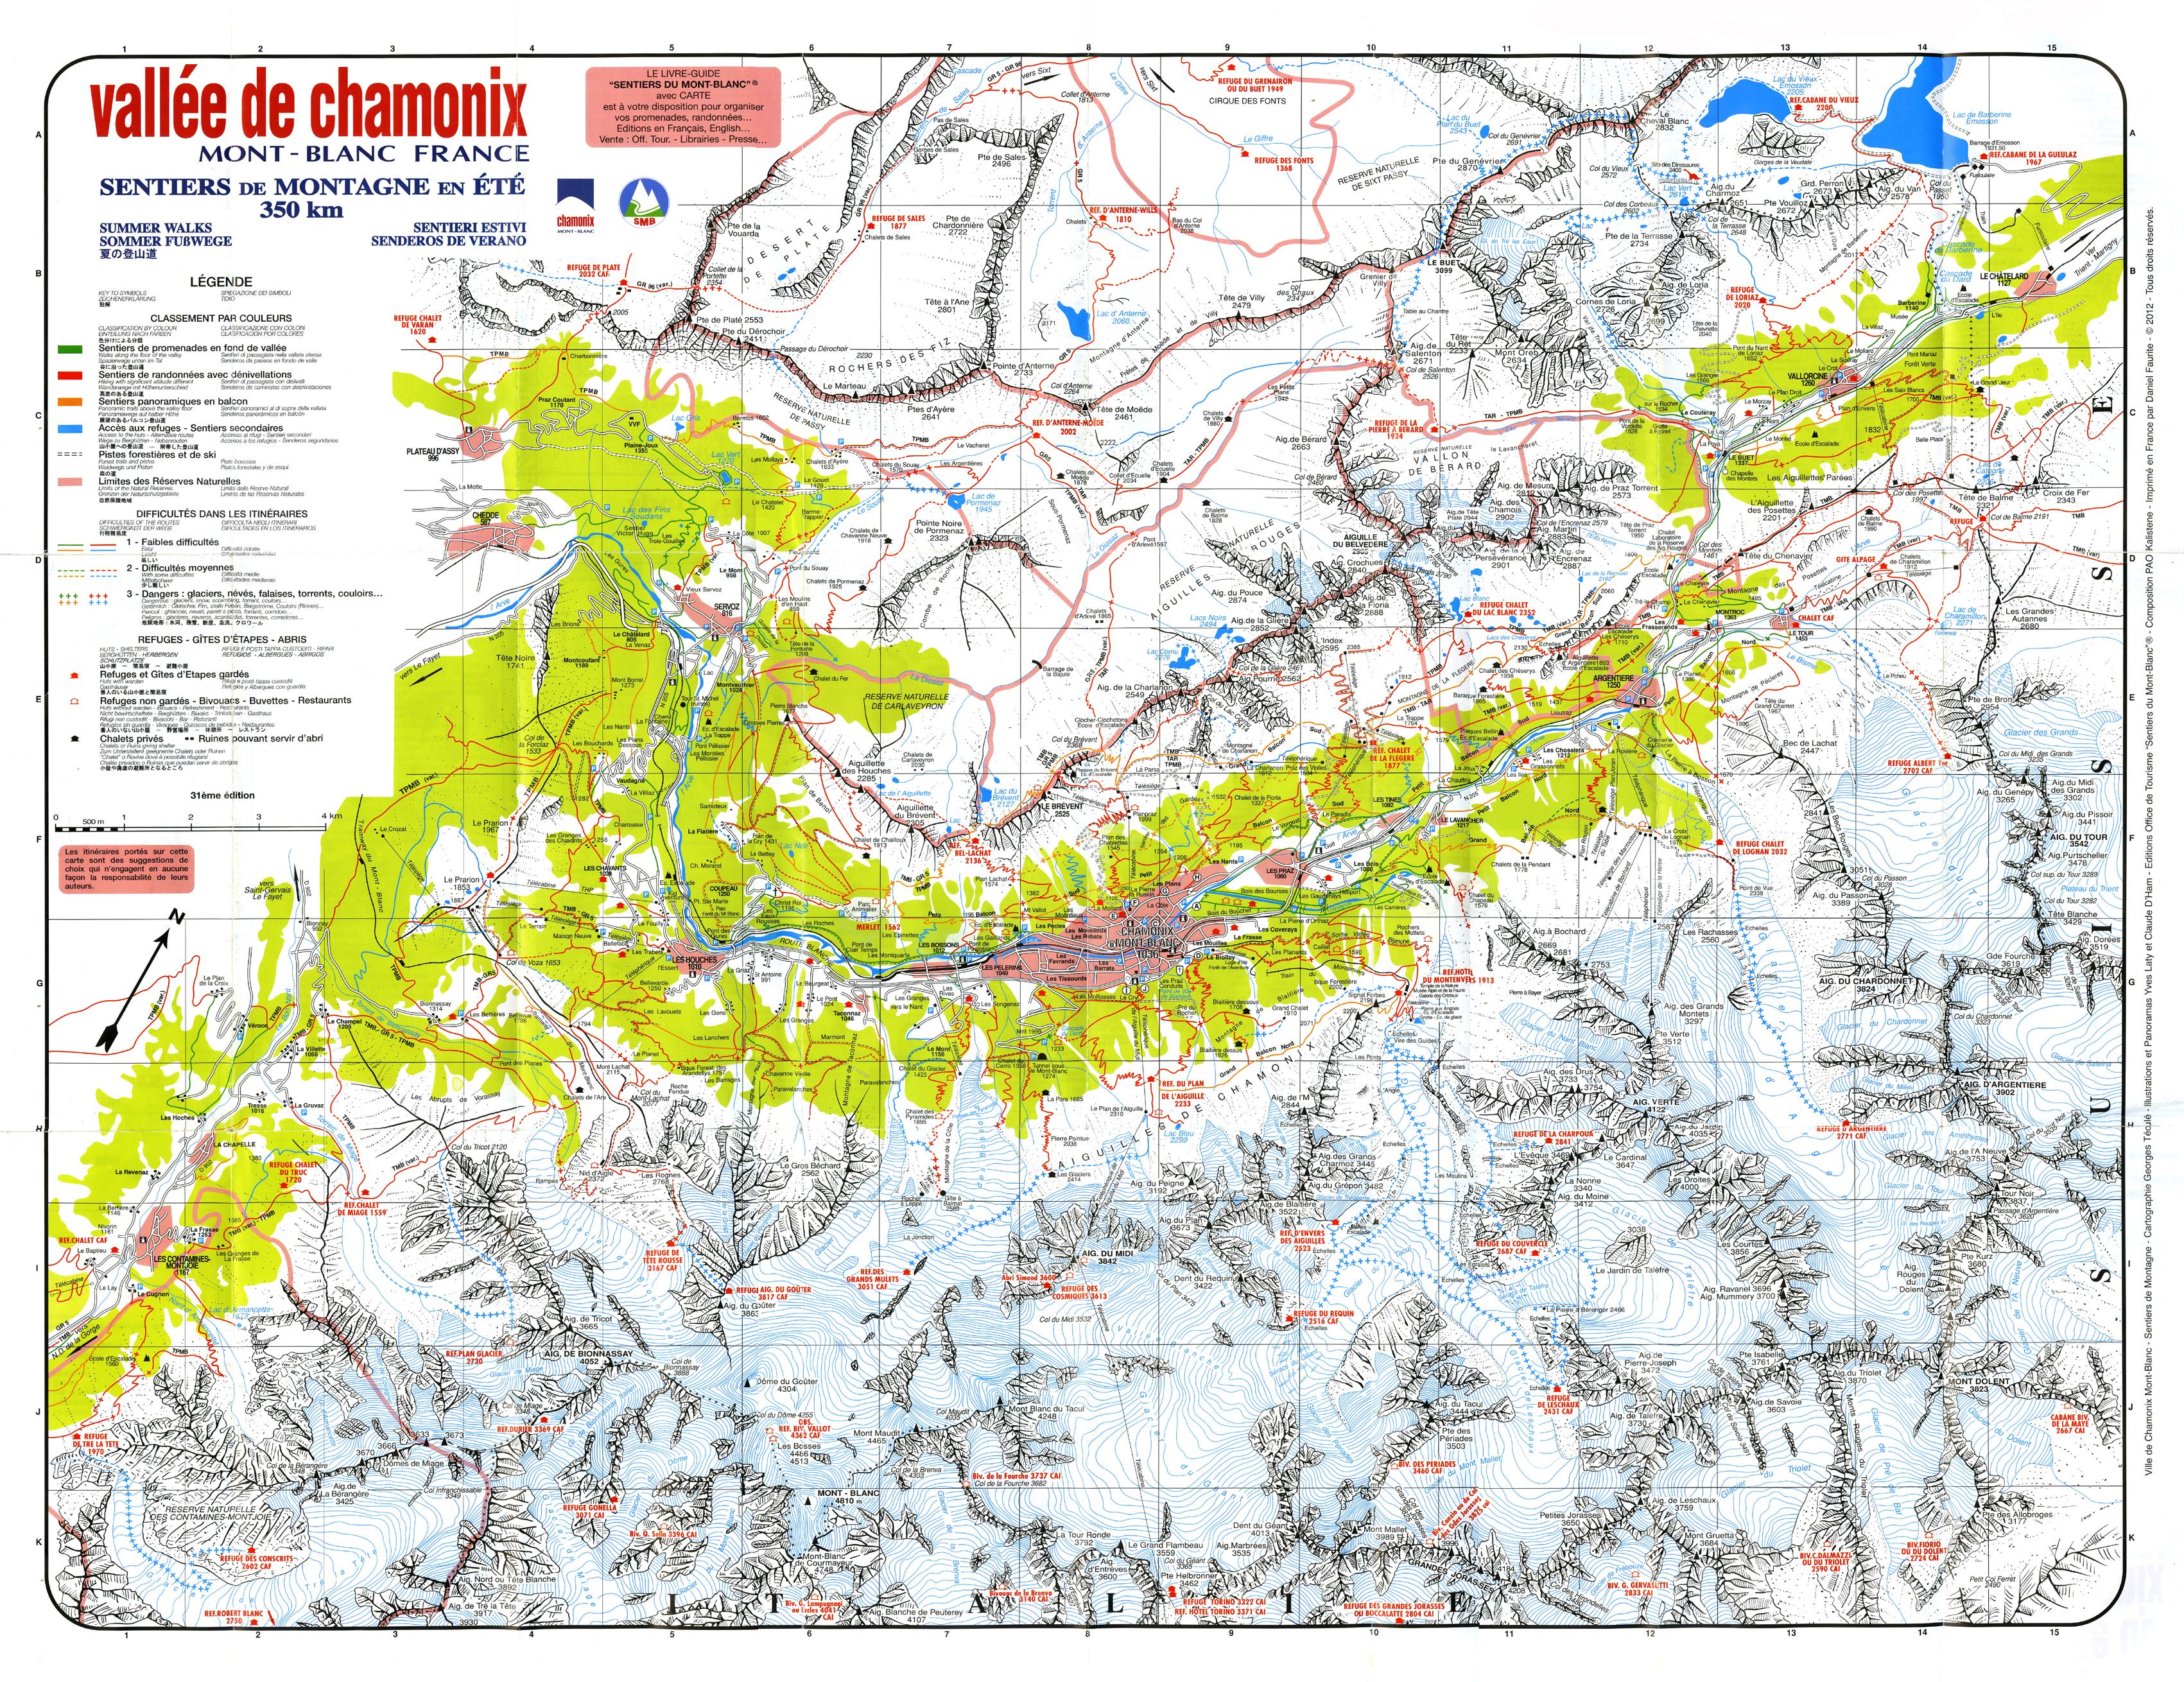 Долина шамони подробная карта